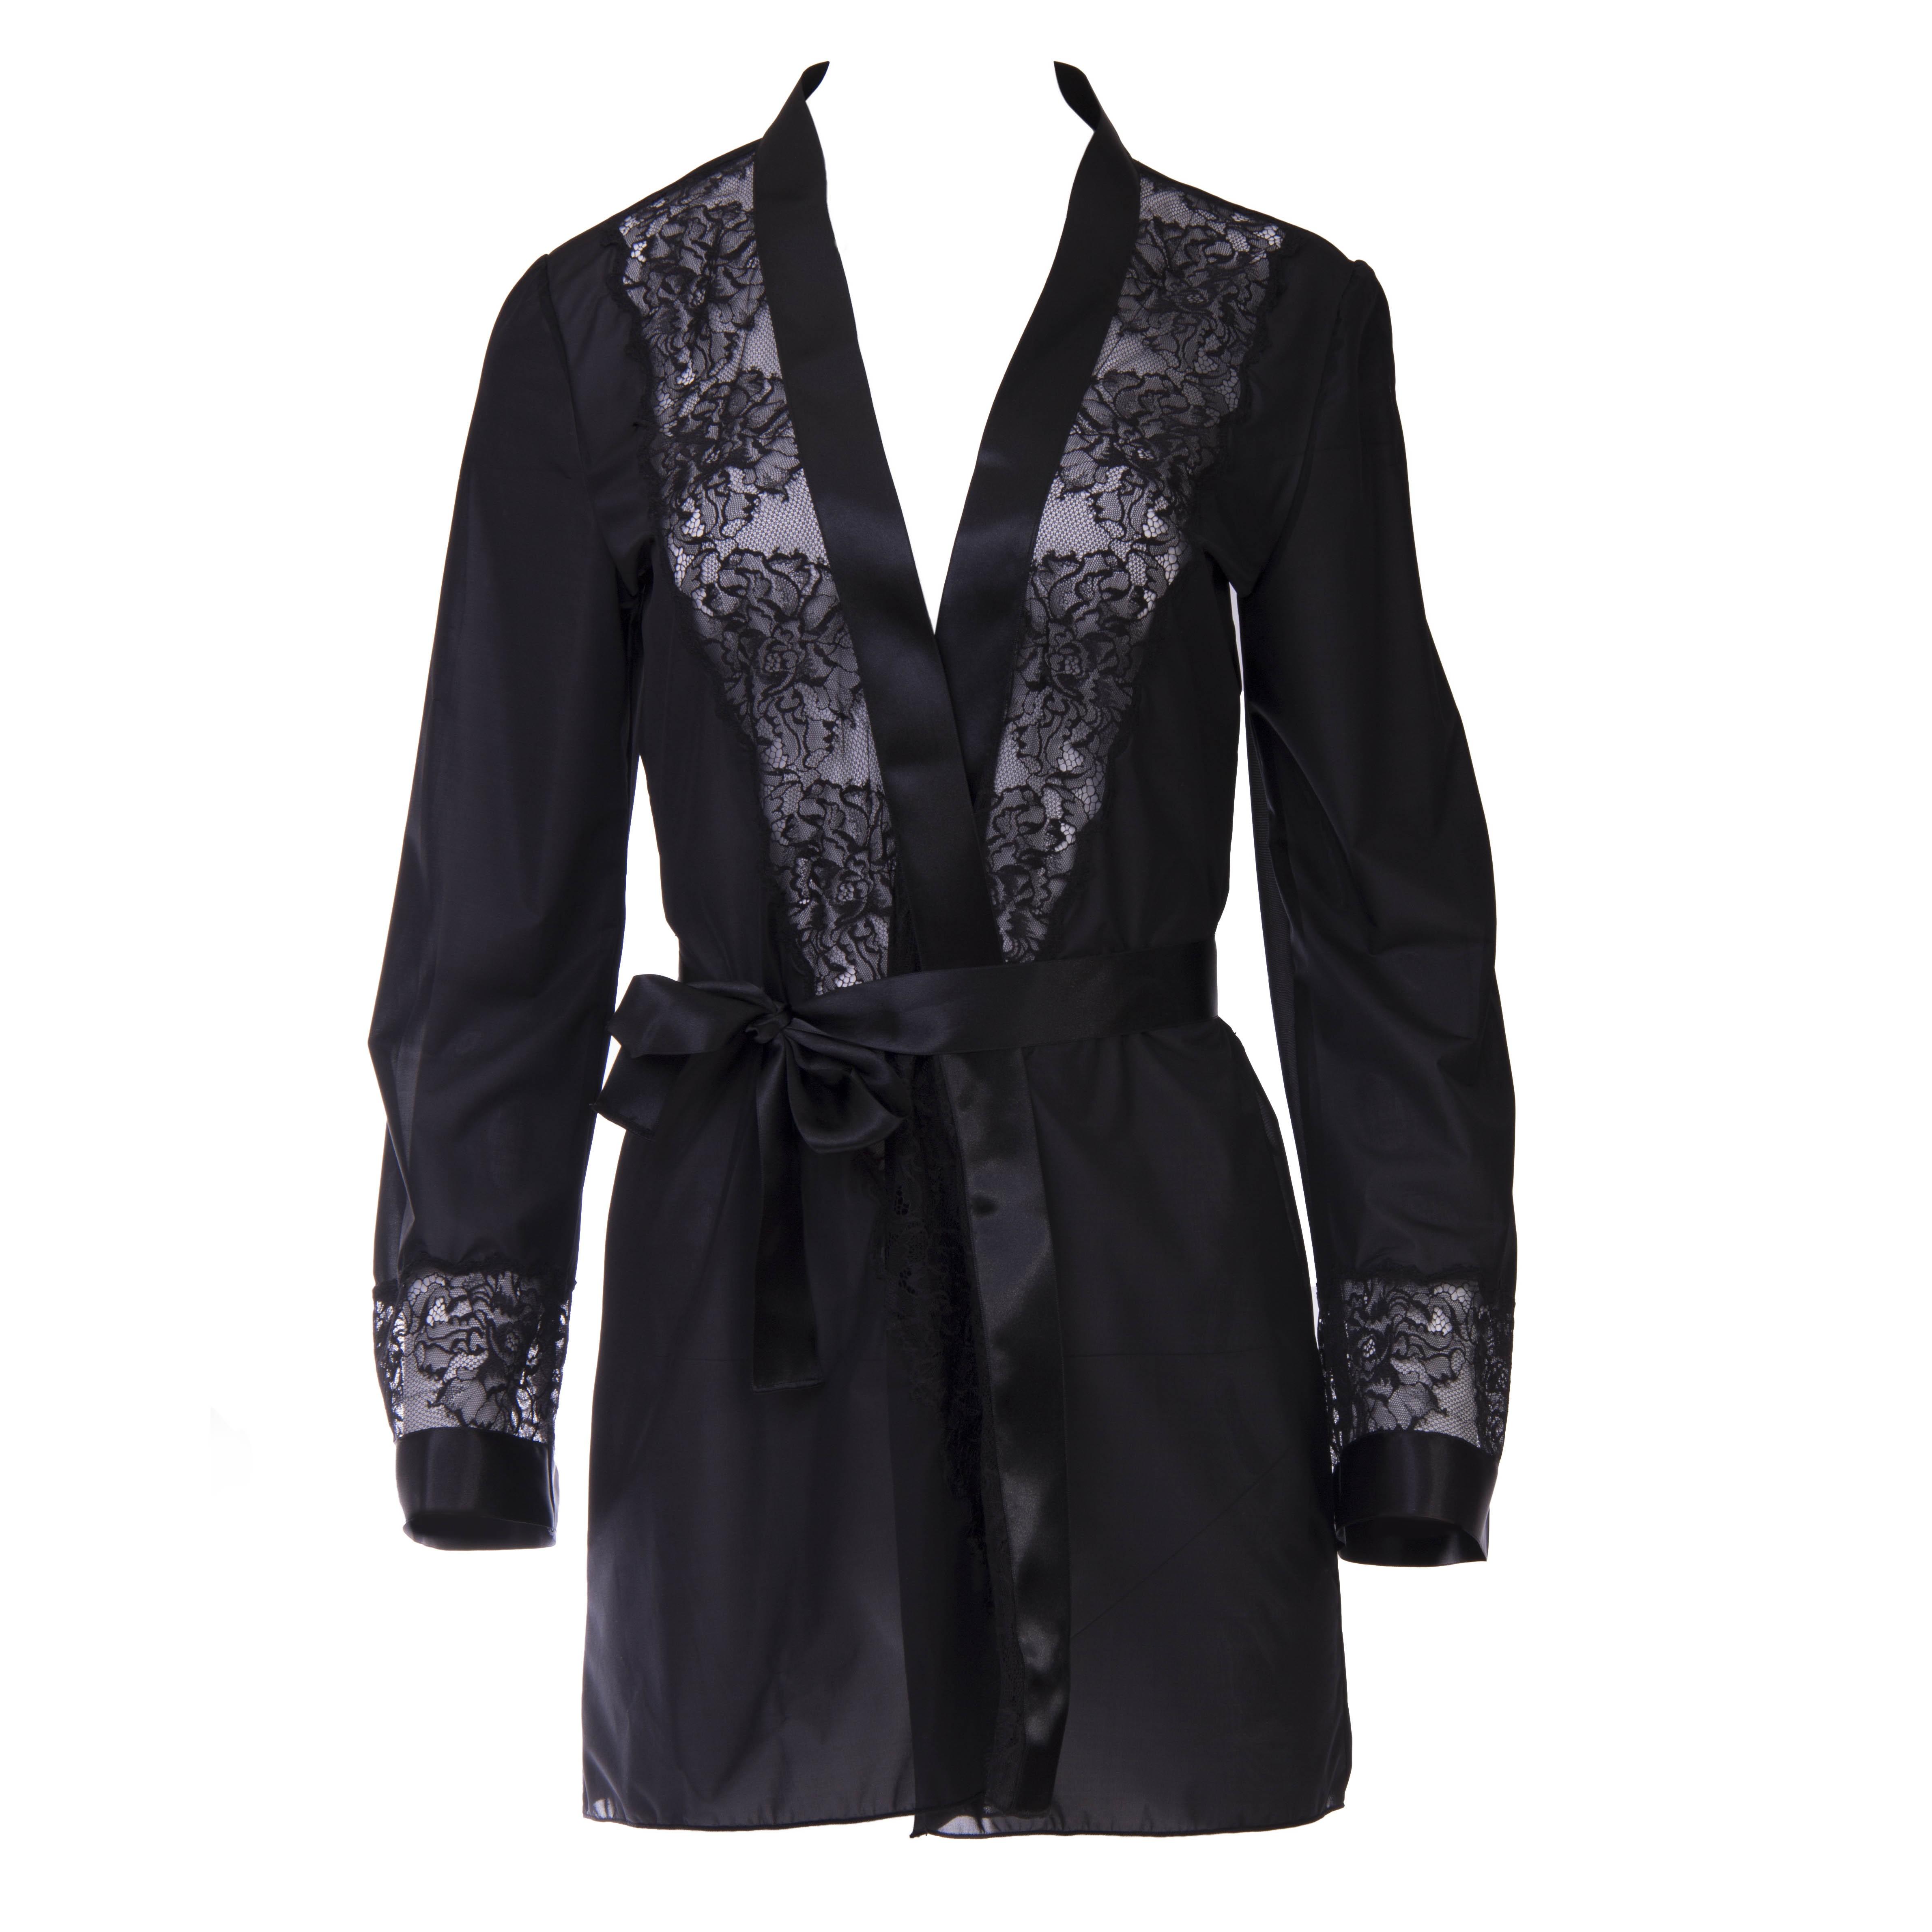 online retailer 43616 28e23 Edler Dessous Luxus Mantel in Schwarz | Escora Shop